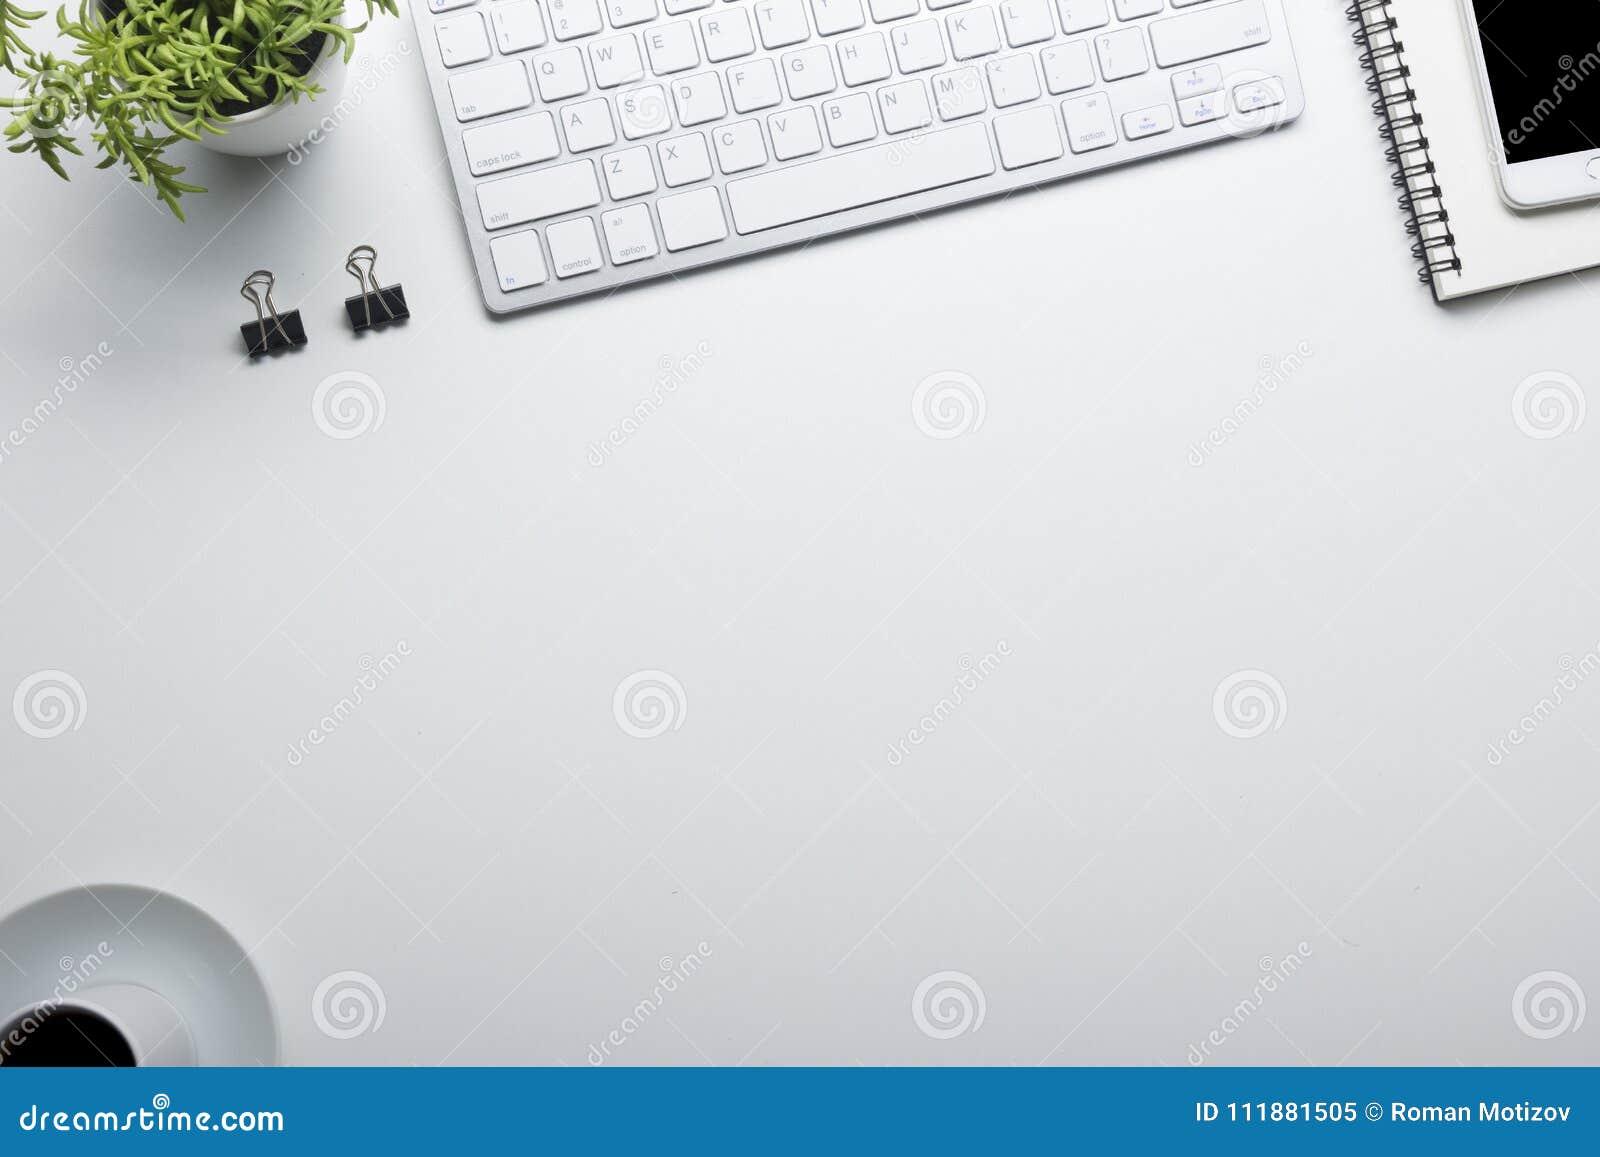 Tabell för kontorsskrivbord med tillförsel Affärsarbetsplats och objekt för lägenhet lekmanna- Top beskådar Kopiera utrymme för t